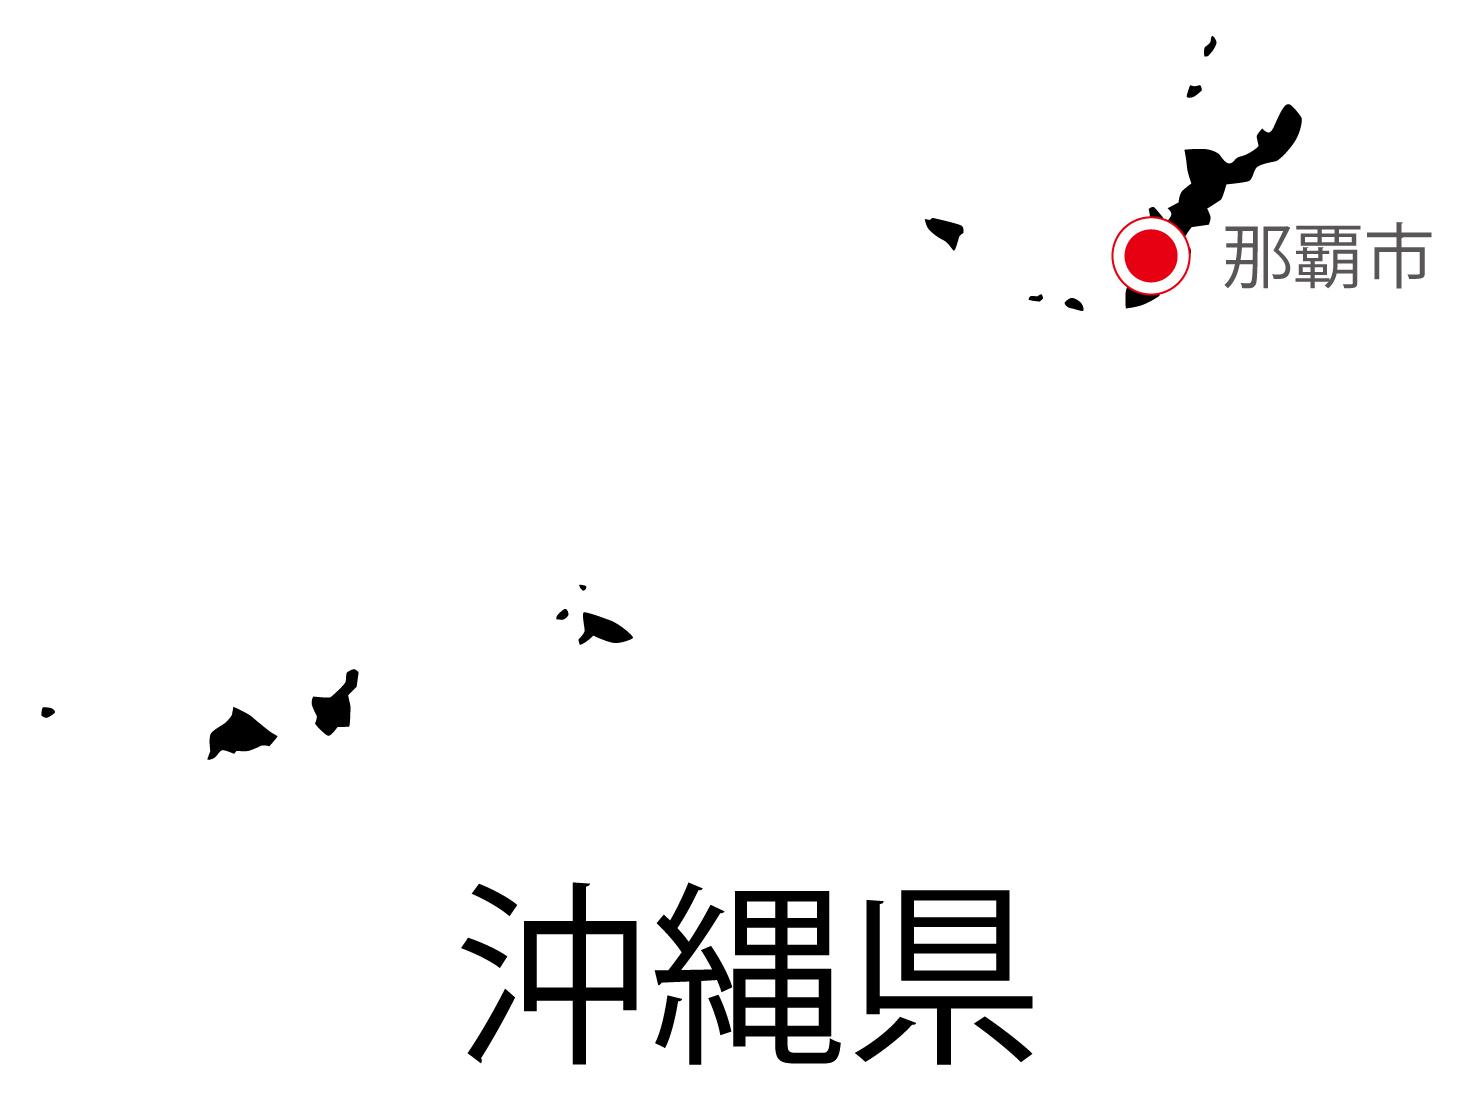 沖縄県無料フリーイラスト|日本語・都道府県名あり・県庁所在地あり(黒)